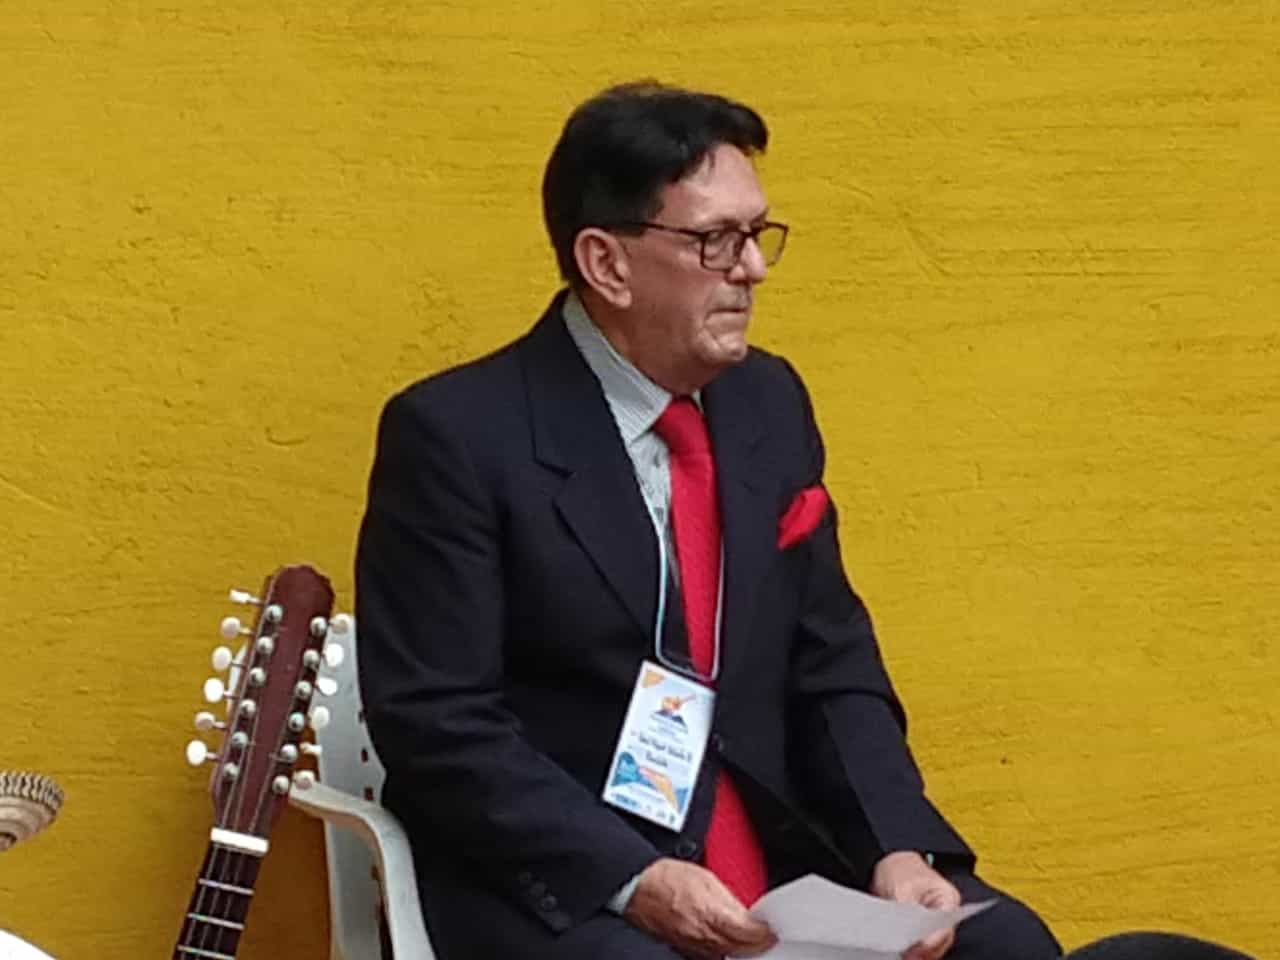 Los duetos sonaron en Socha y su canto estremeció el corazón infinito del maestro Helio Roberto Zabala Suárez 2